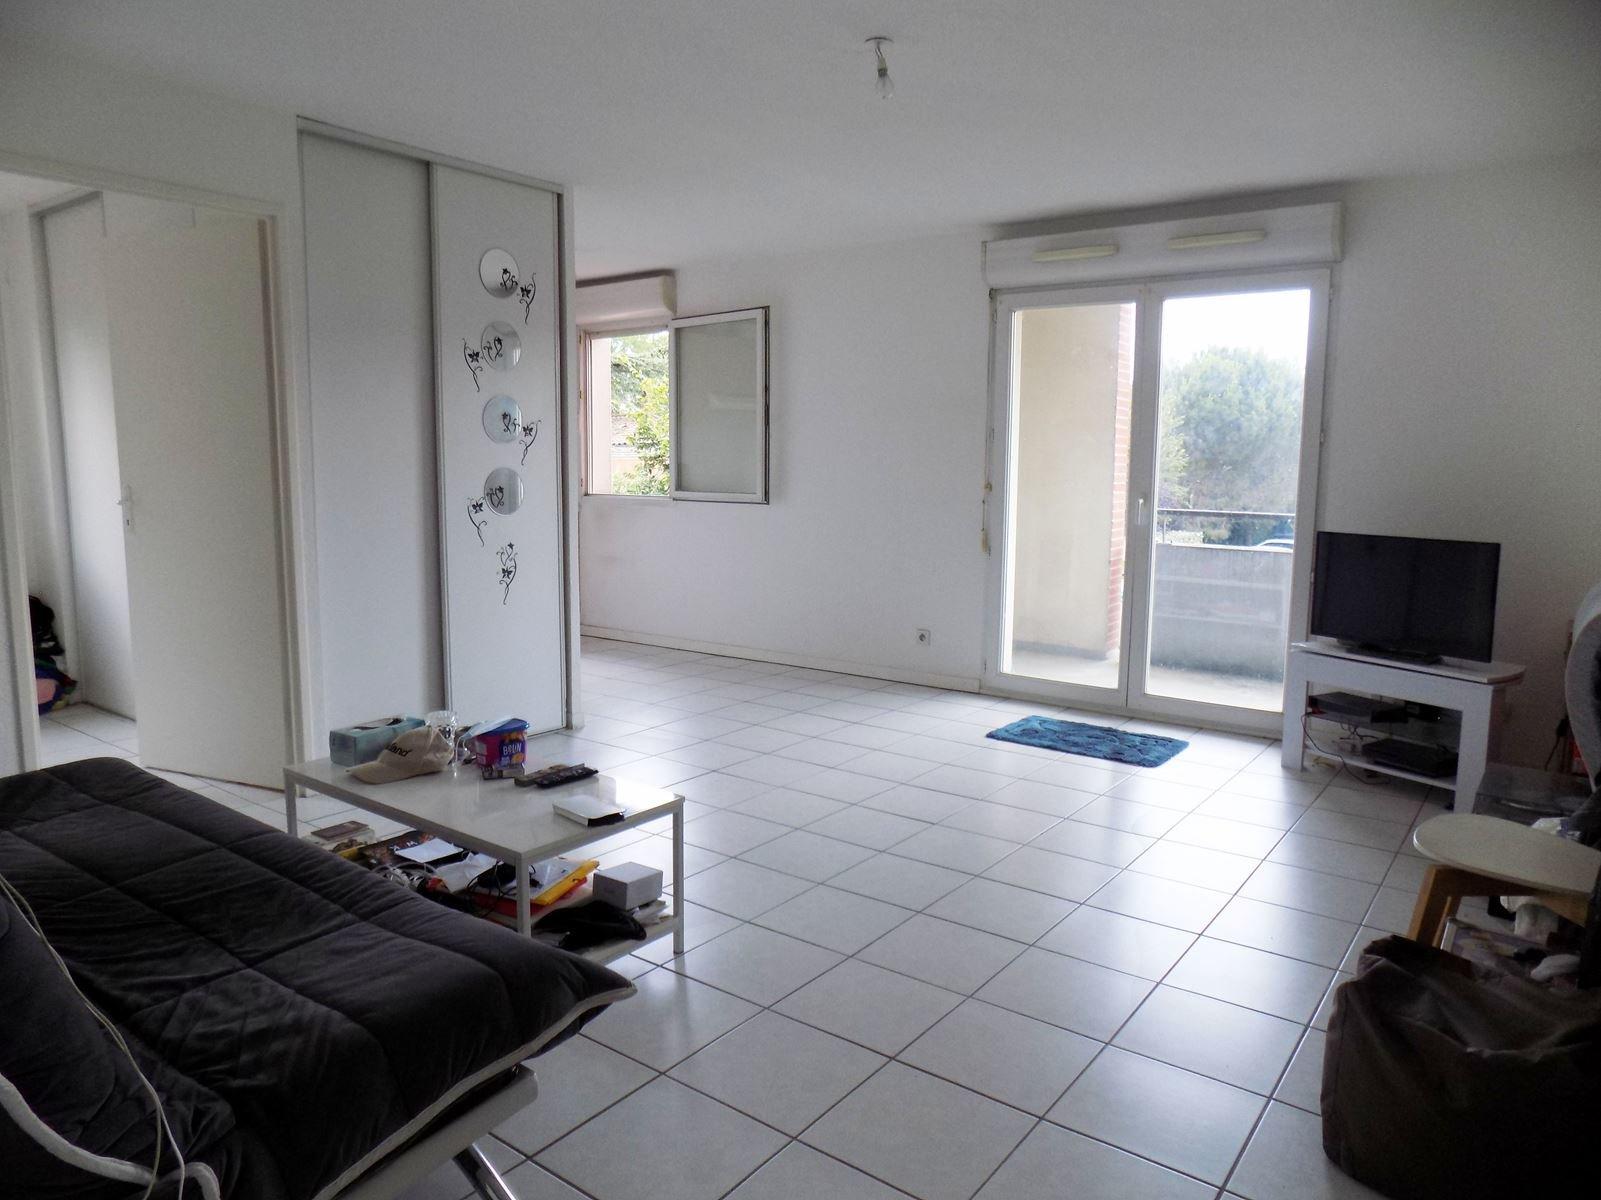 Appartement T2 - 44m² - 31200 TOULOUSE LALANDE